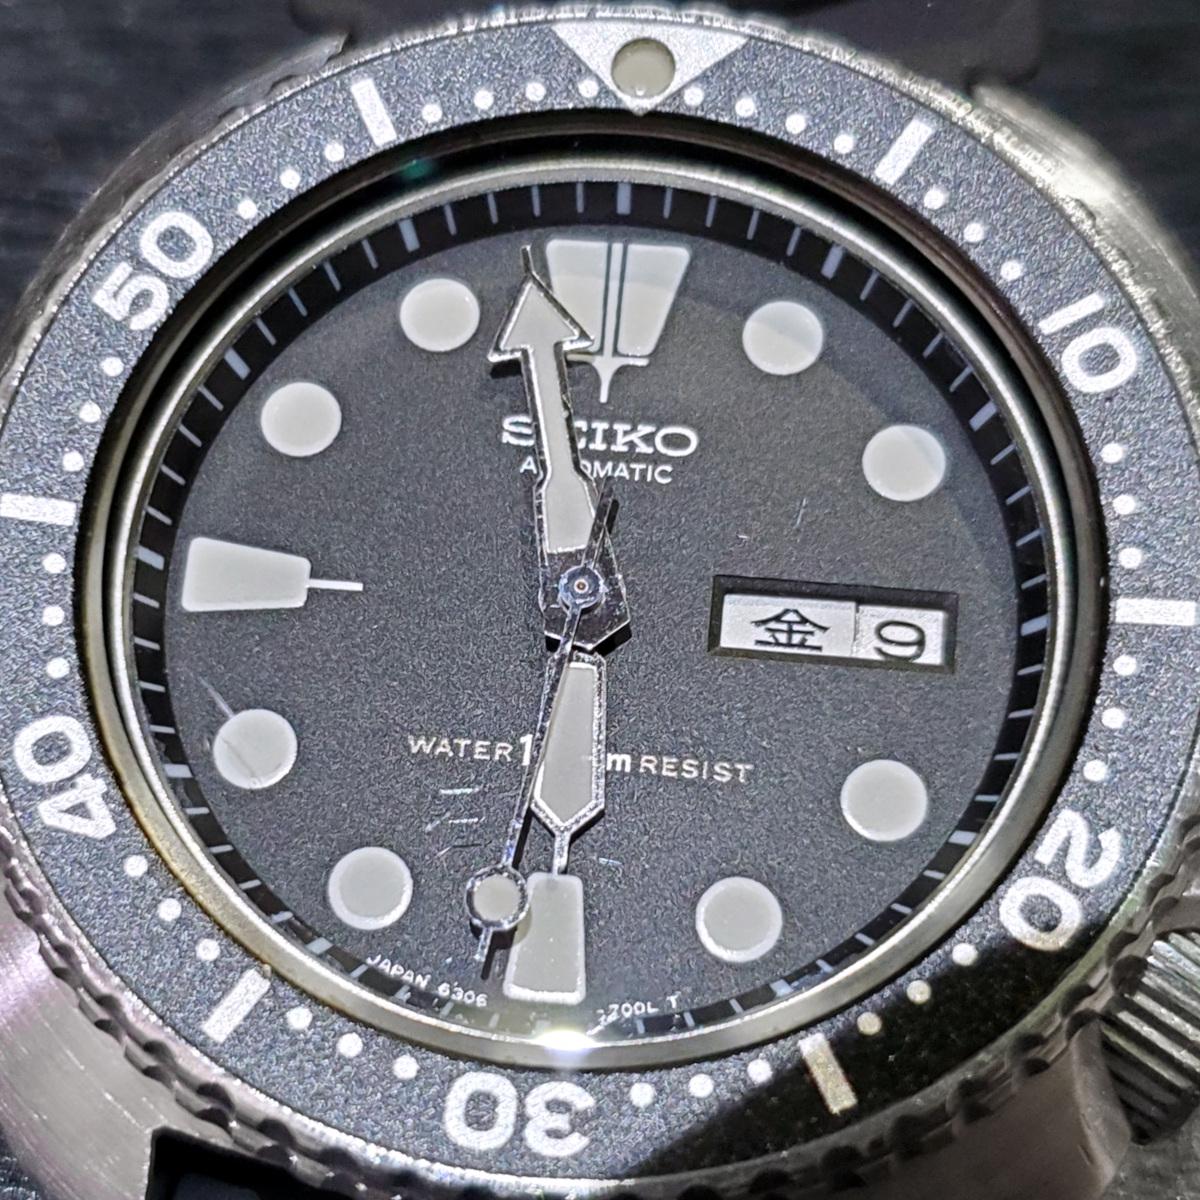 セイコー サードダイバー 6306-7001 国内仕様 Cal.6306A 自動巻 OH済 1979年/昭和54年製 Seiko